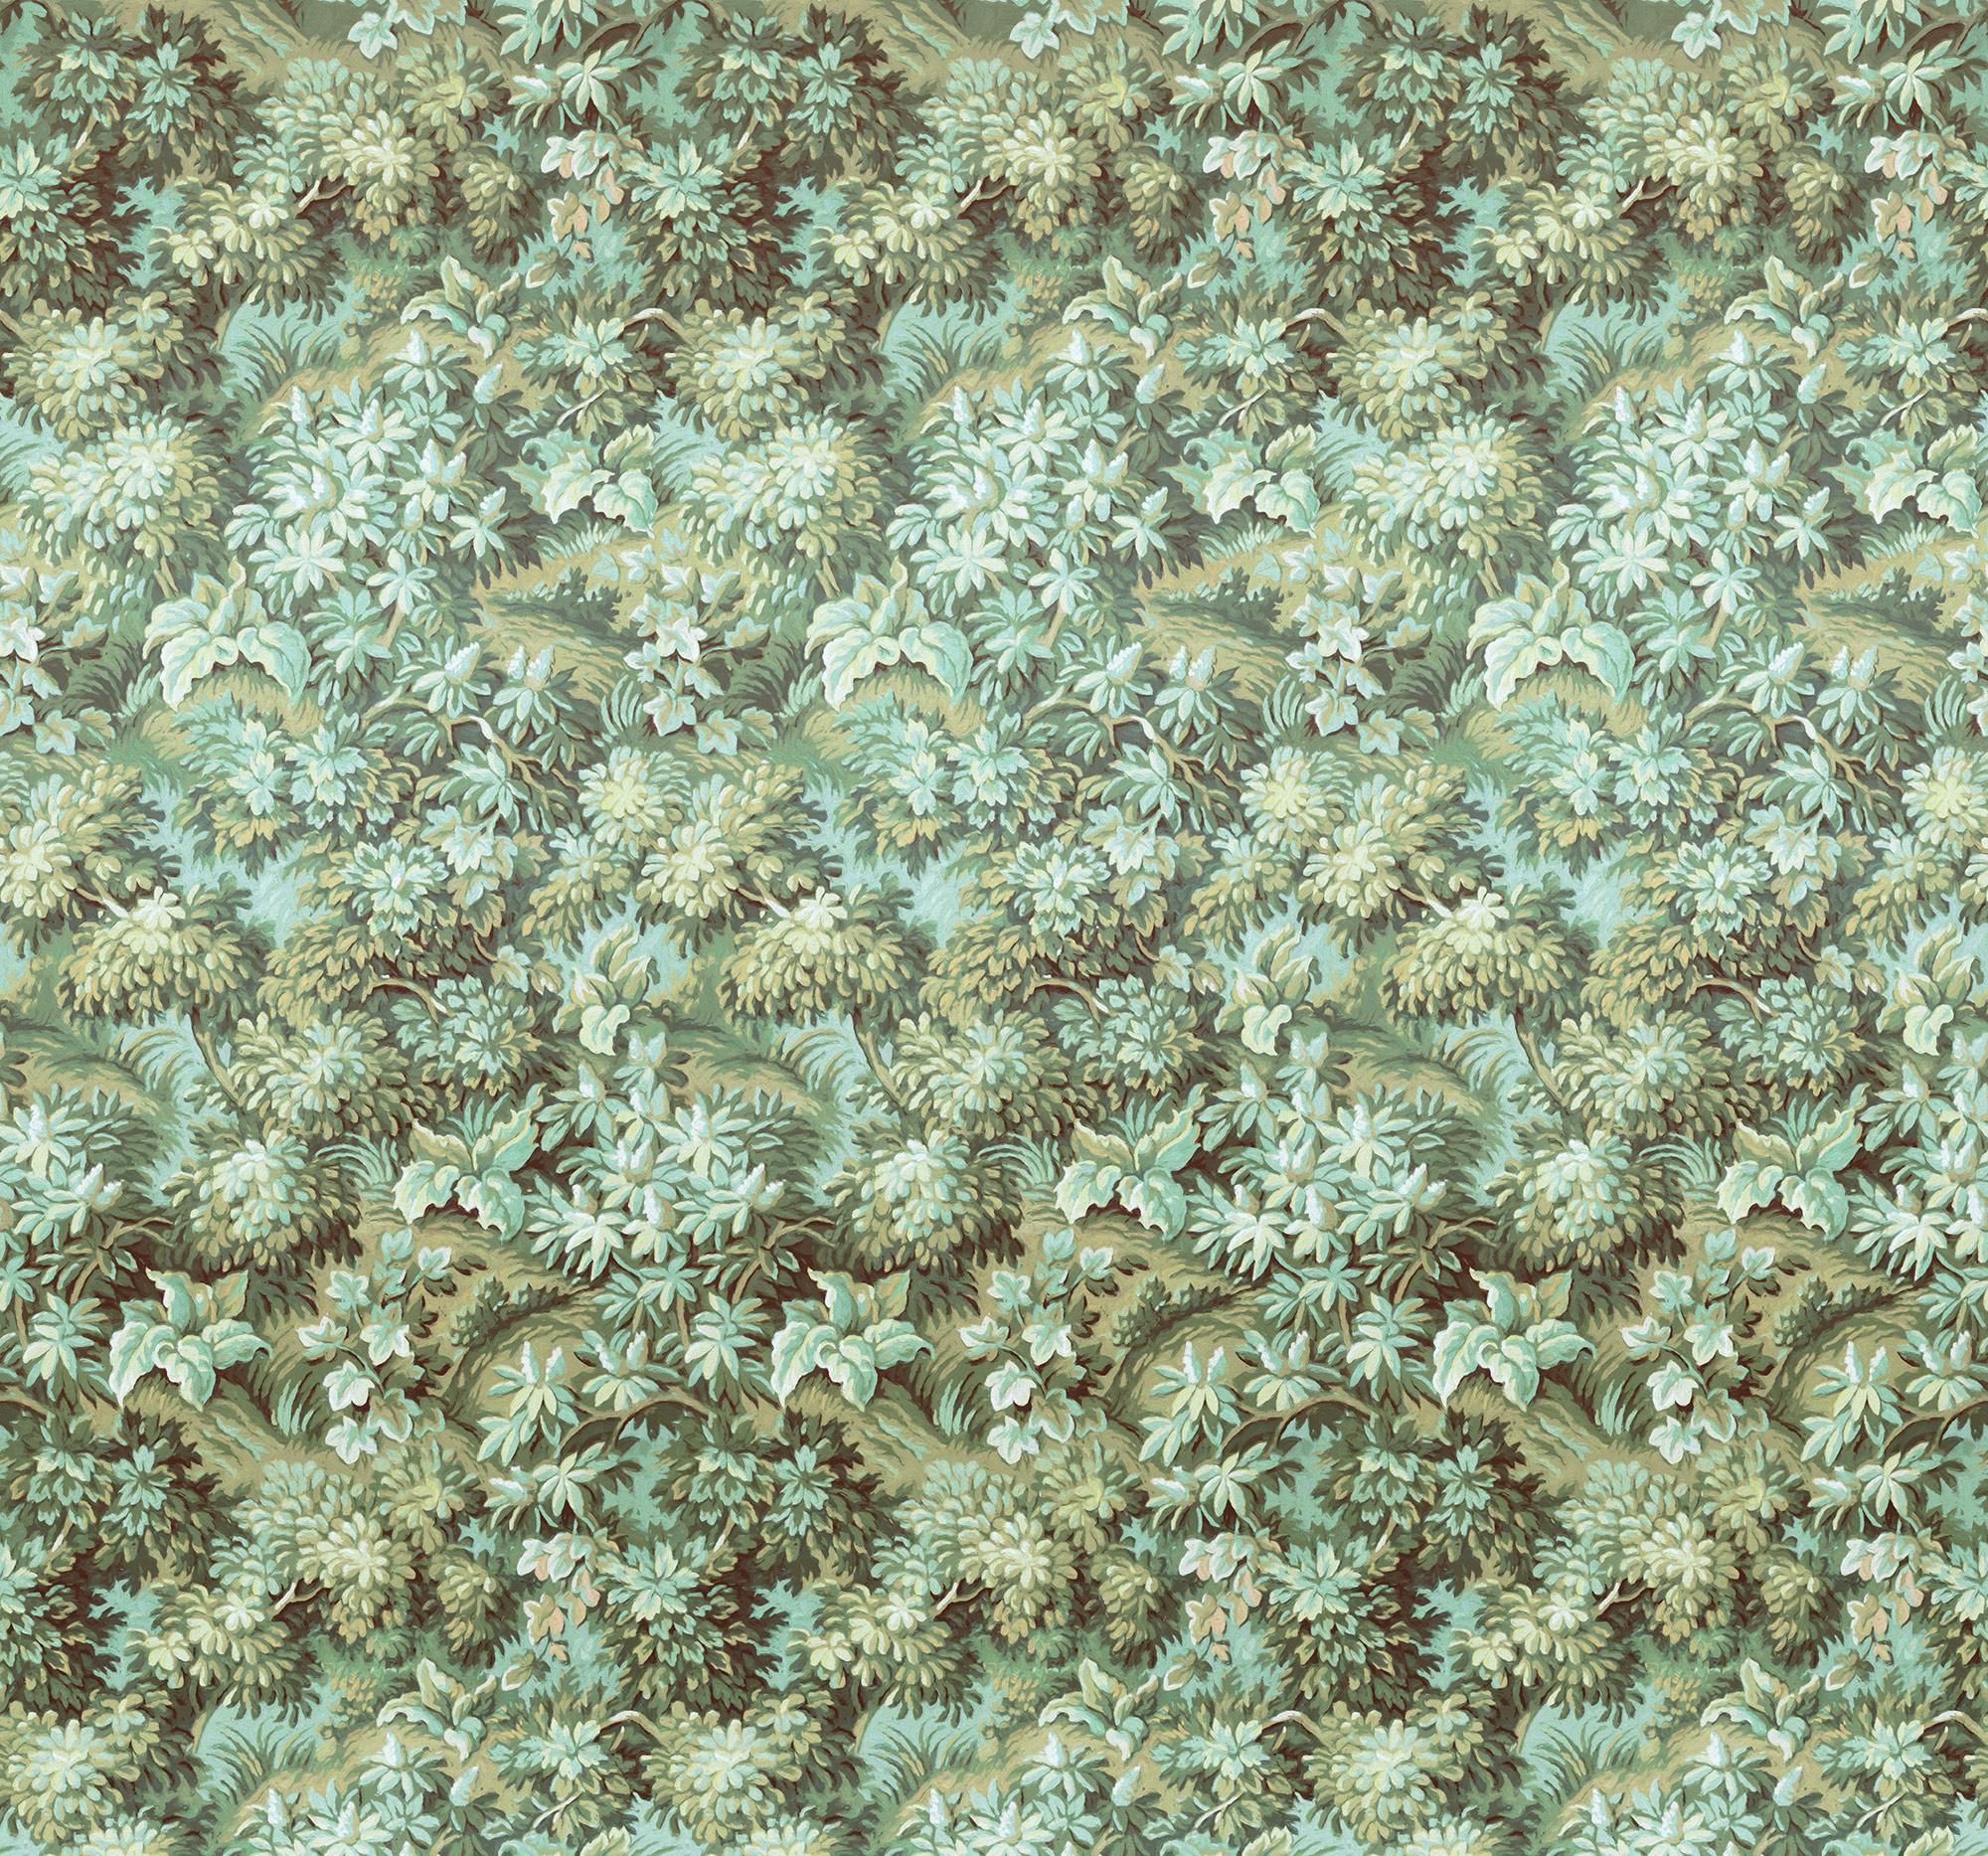 Heritage Edition 1 Fotobehang Komar - Bloemen behang BOTANIQUE VERT